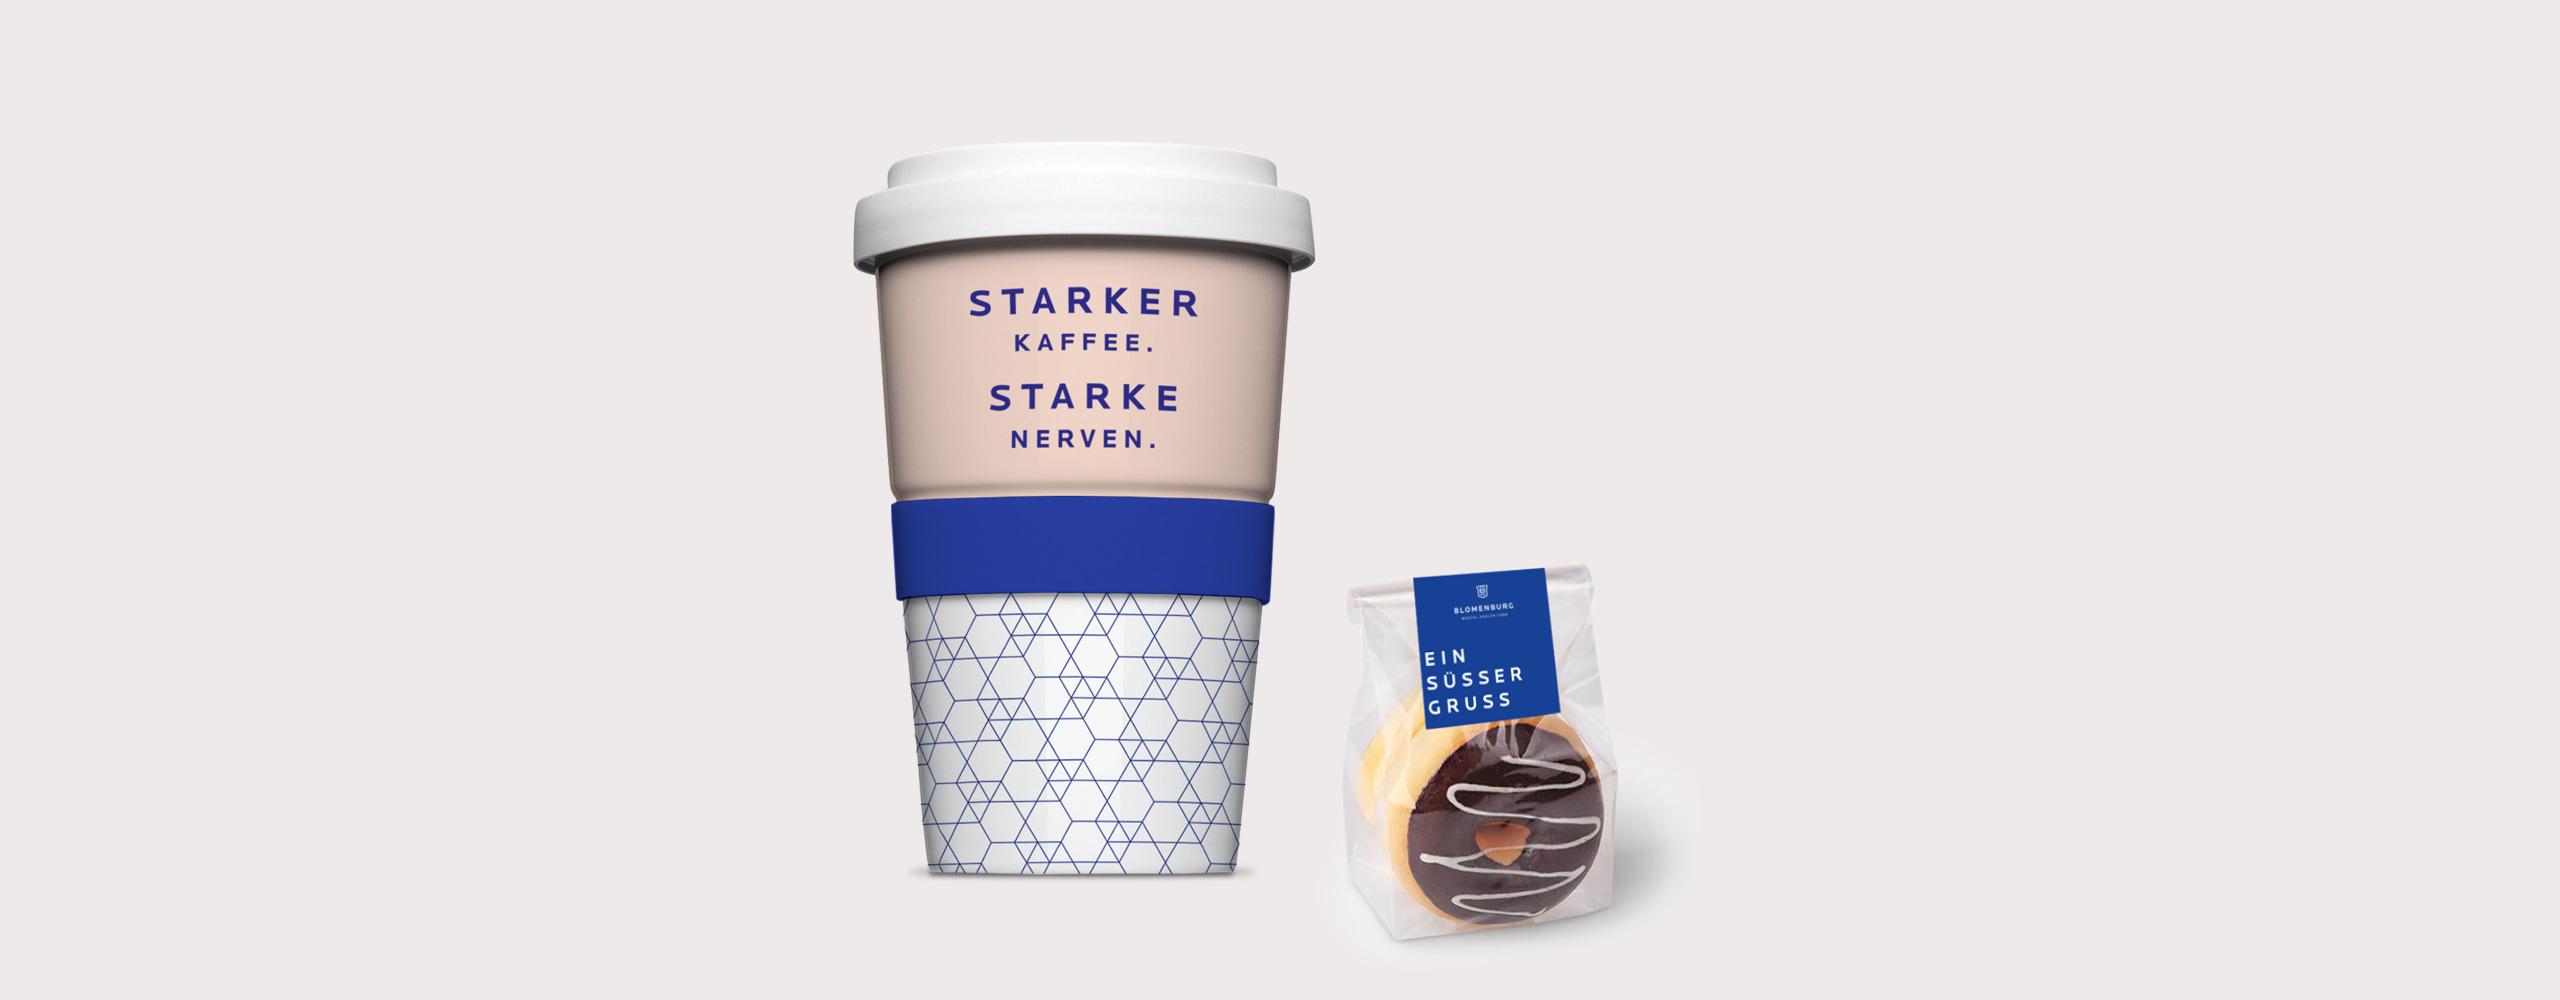 Kaffeebecher und Süßer Gruß